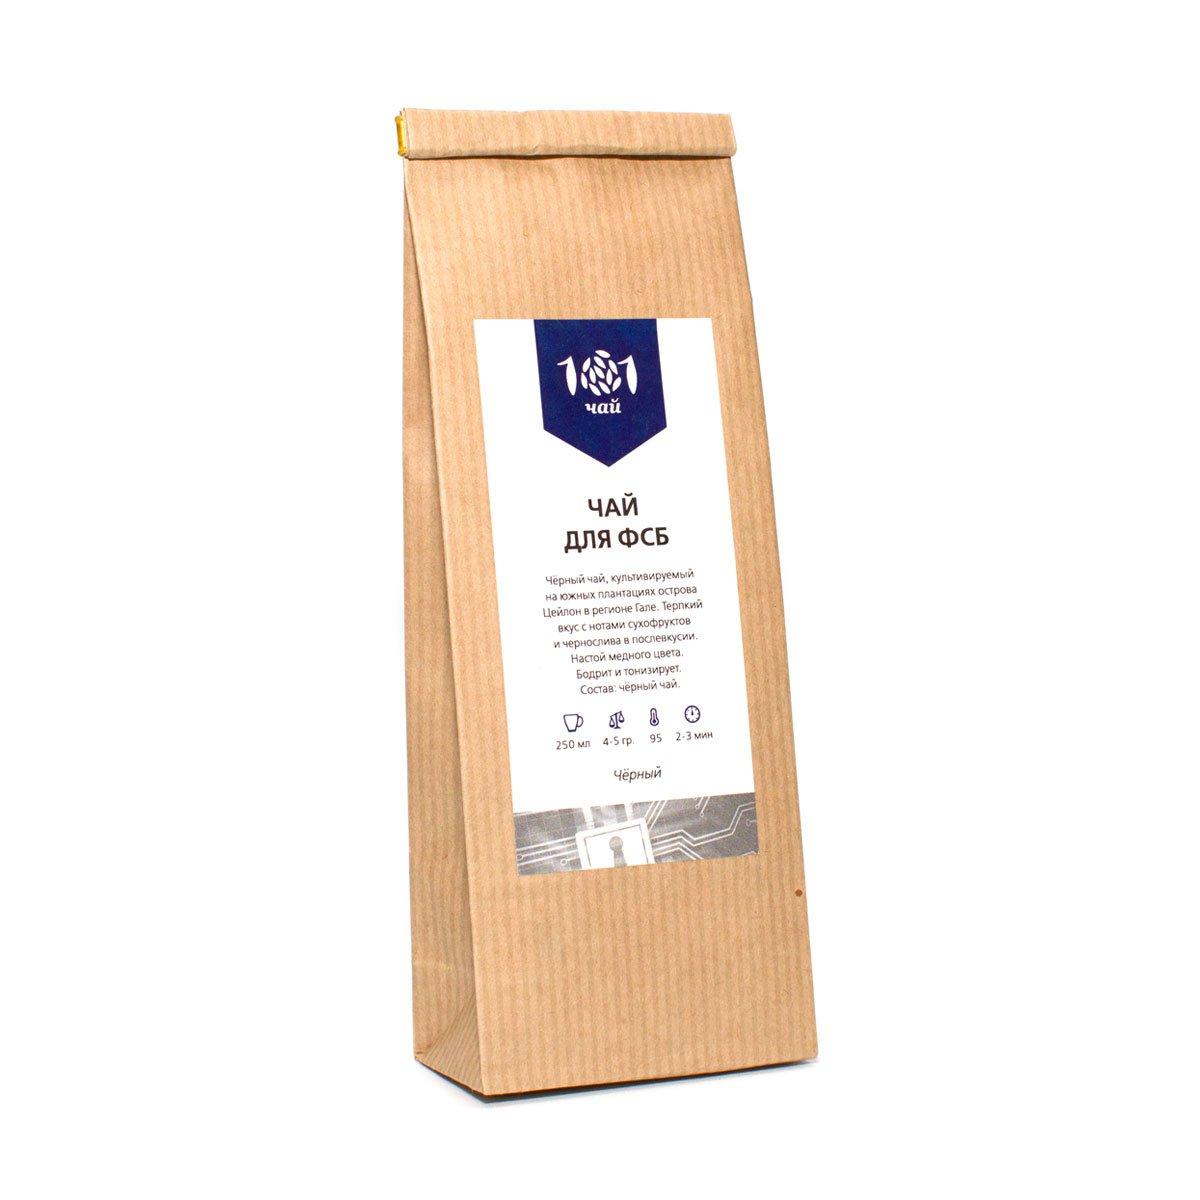 Чай для ФСБ (черный) от 101 Чай